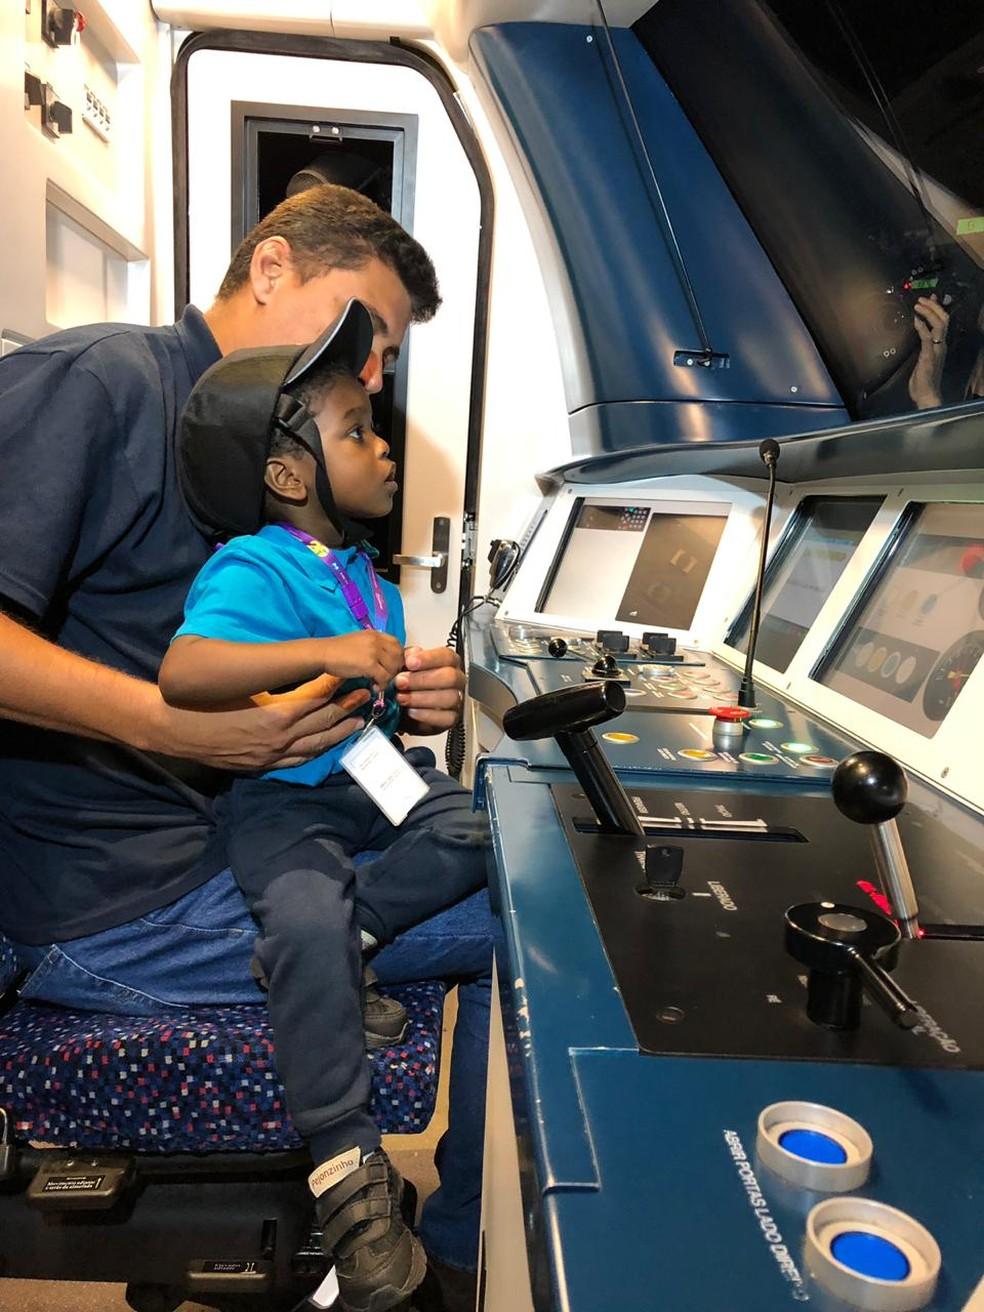 Pietro conhece um simulador de metrô, no Rio — Foto: Larissa Caetano/G1